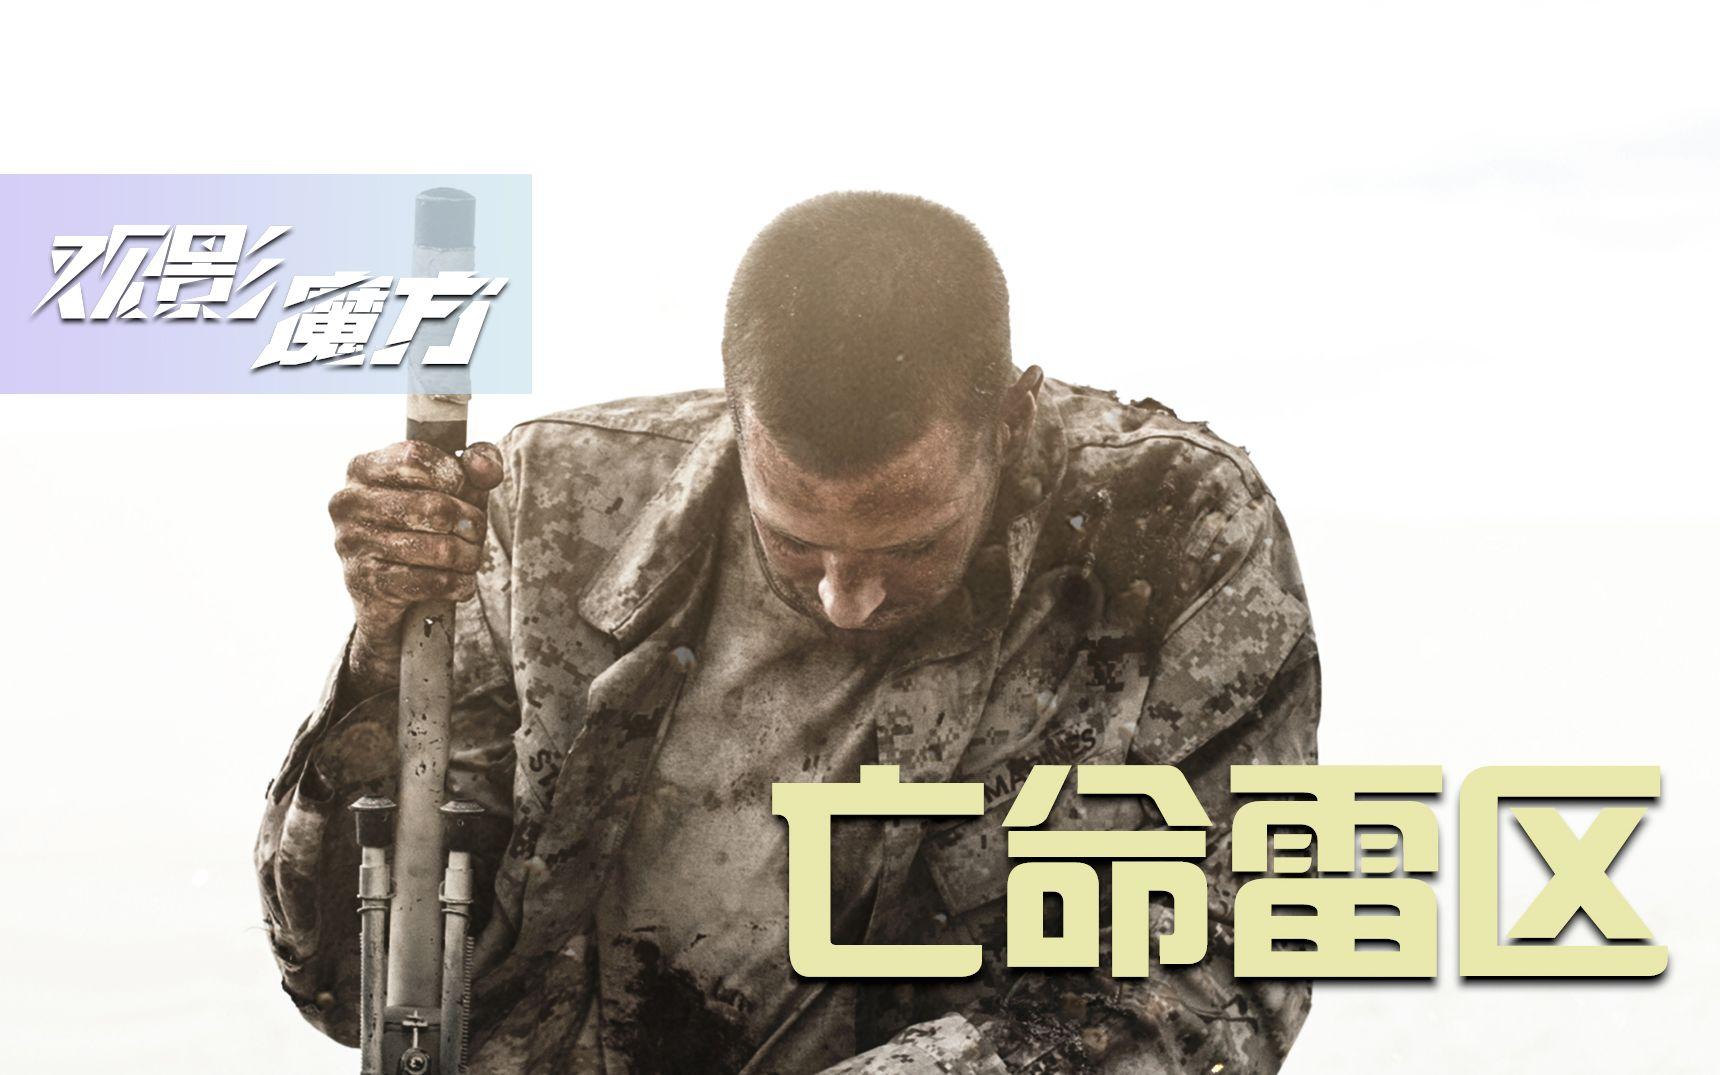 身经百战的特种兵,沙漠里踩中地雷,他该如何脱困